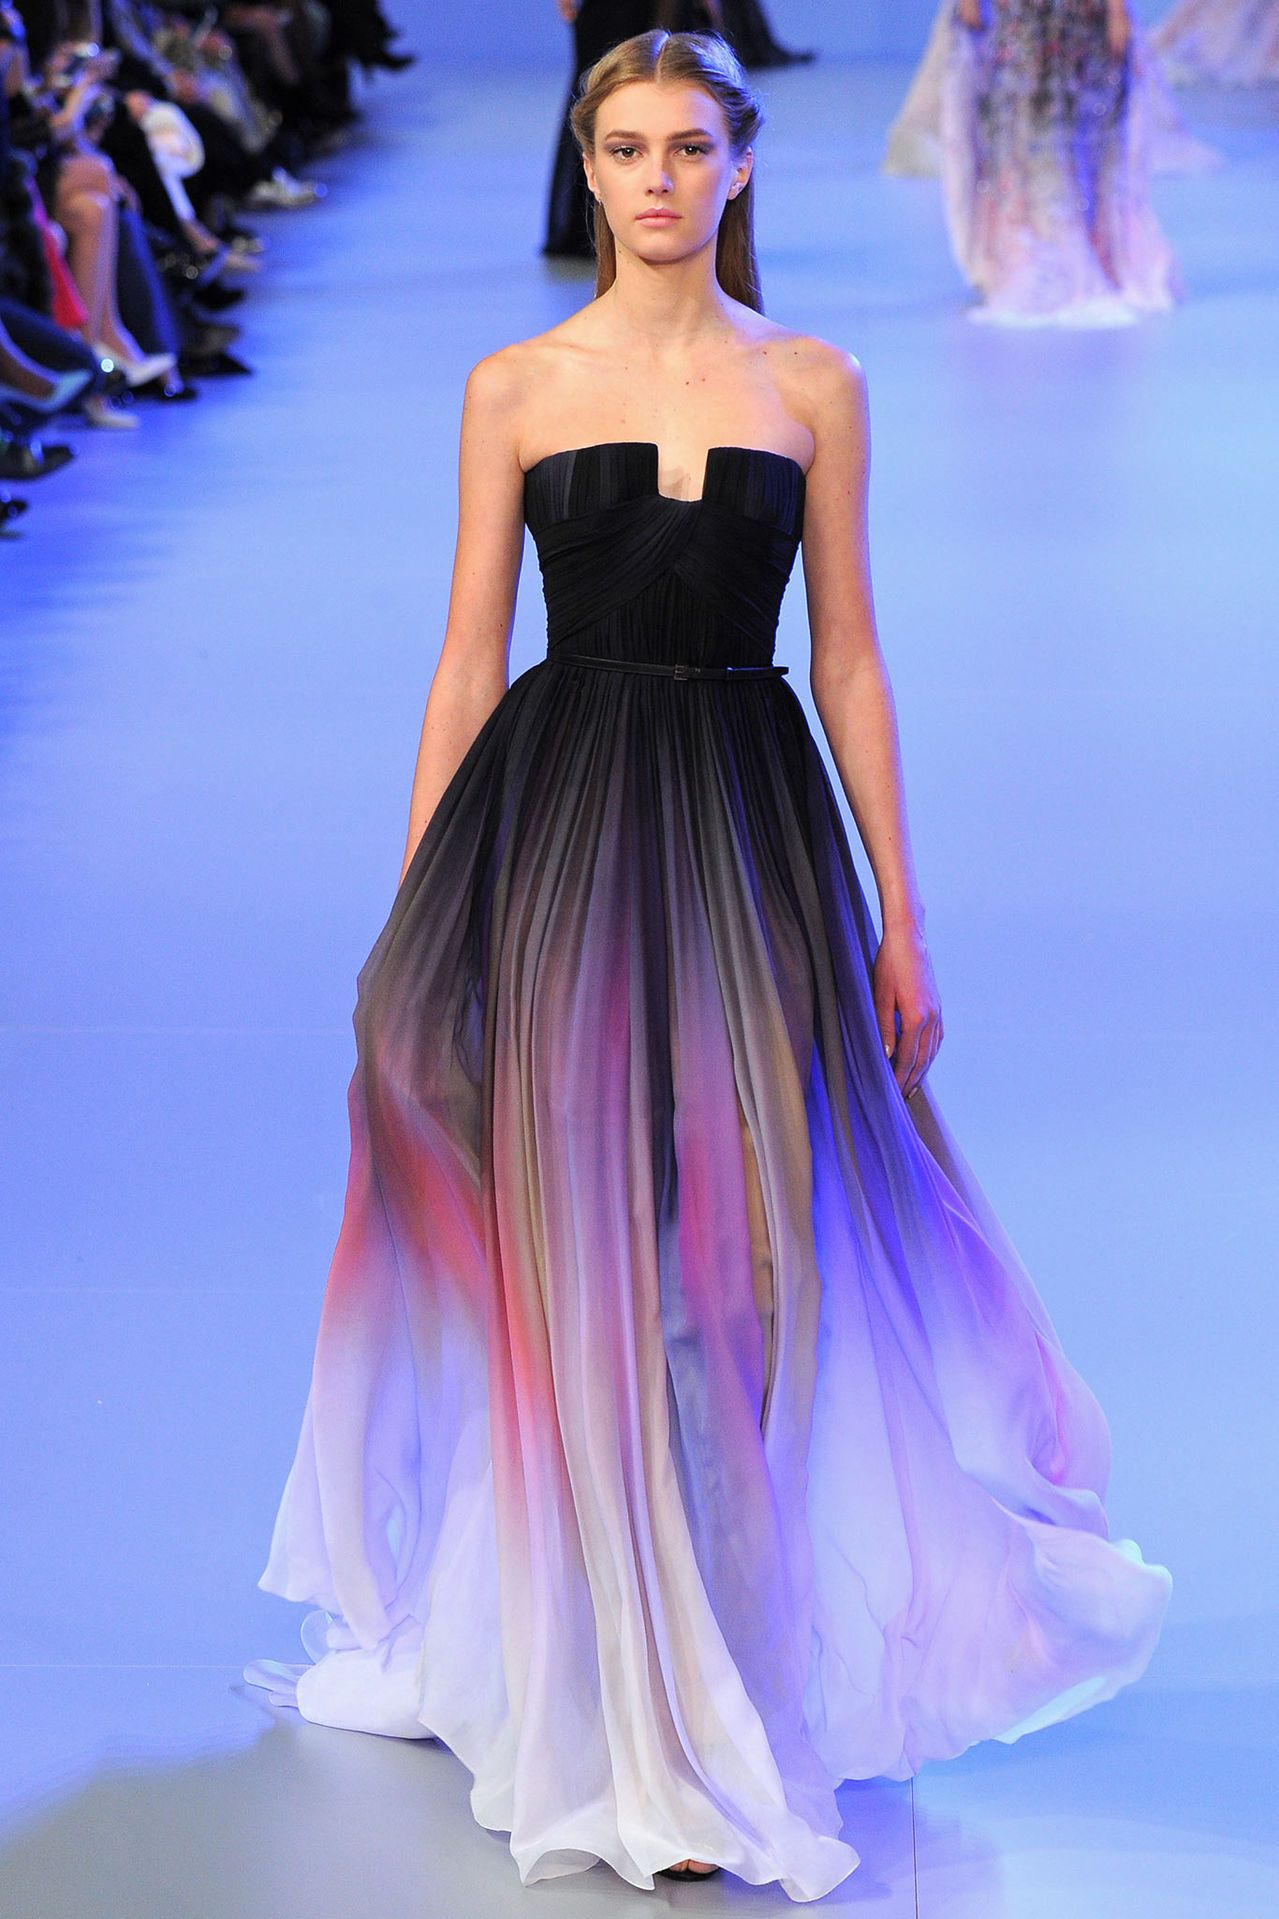 dreamer weaver | Fierce Fashion | Pinterest | Traje y Vestiditos